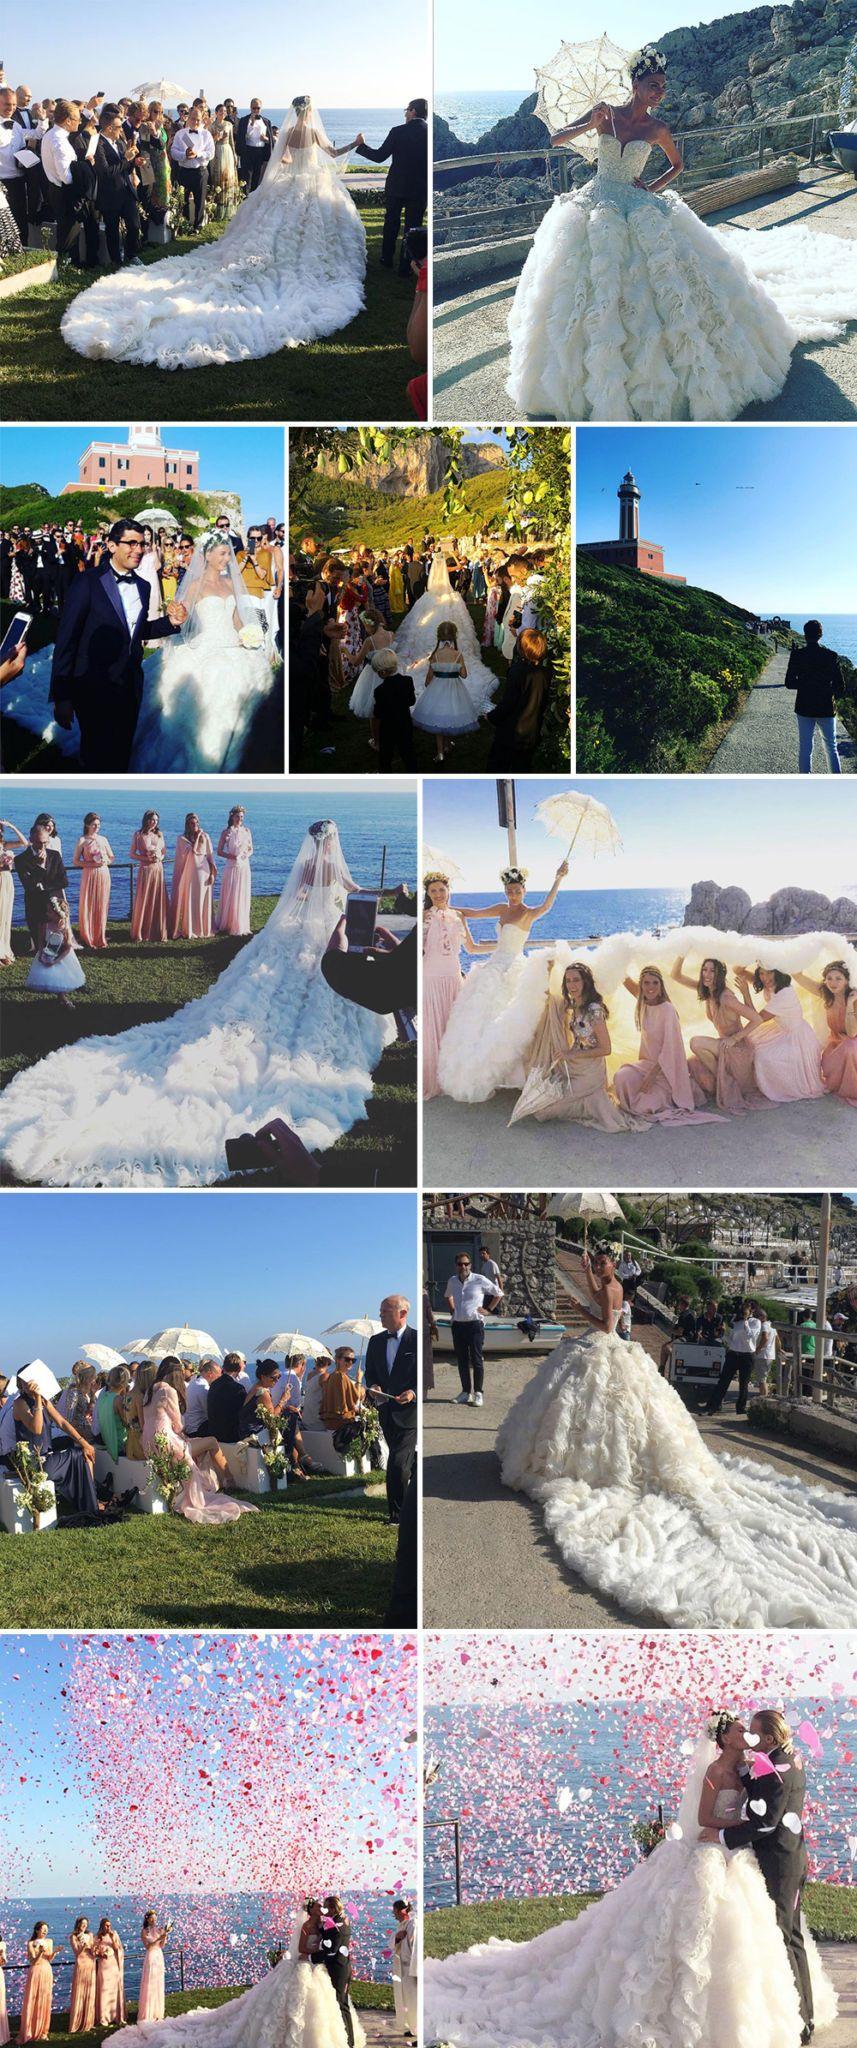 O Casamento Mais Fashionista do Ano de Giovanna Battaglia blog da mariah festa 2